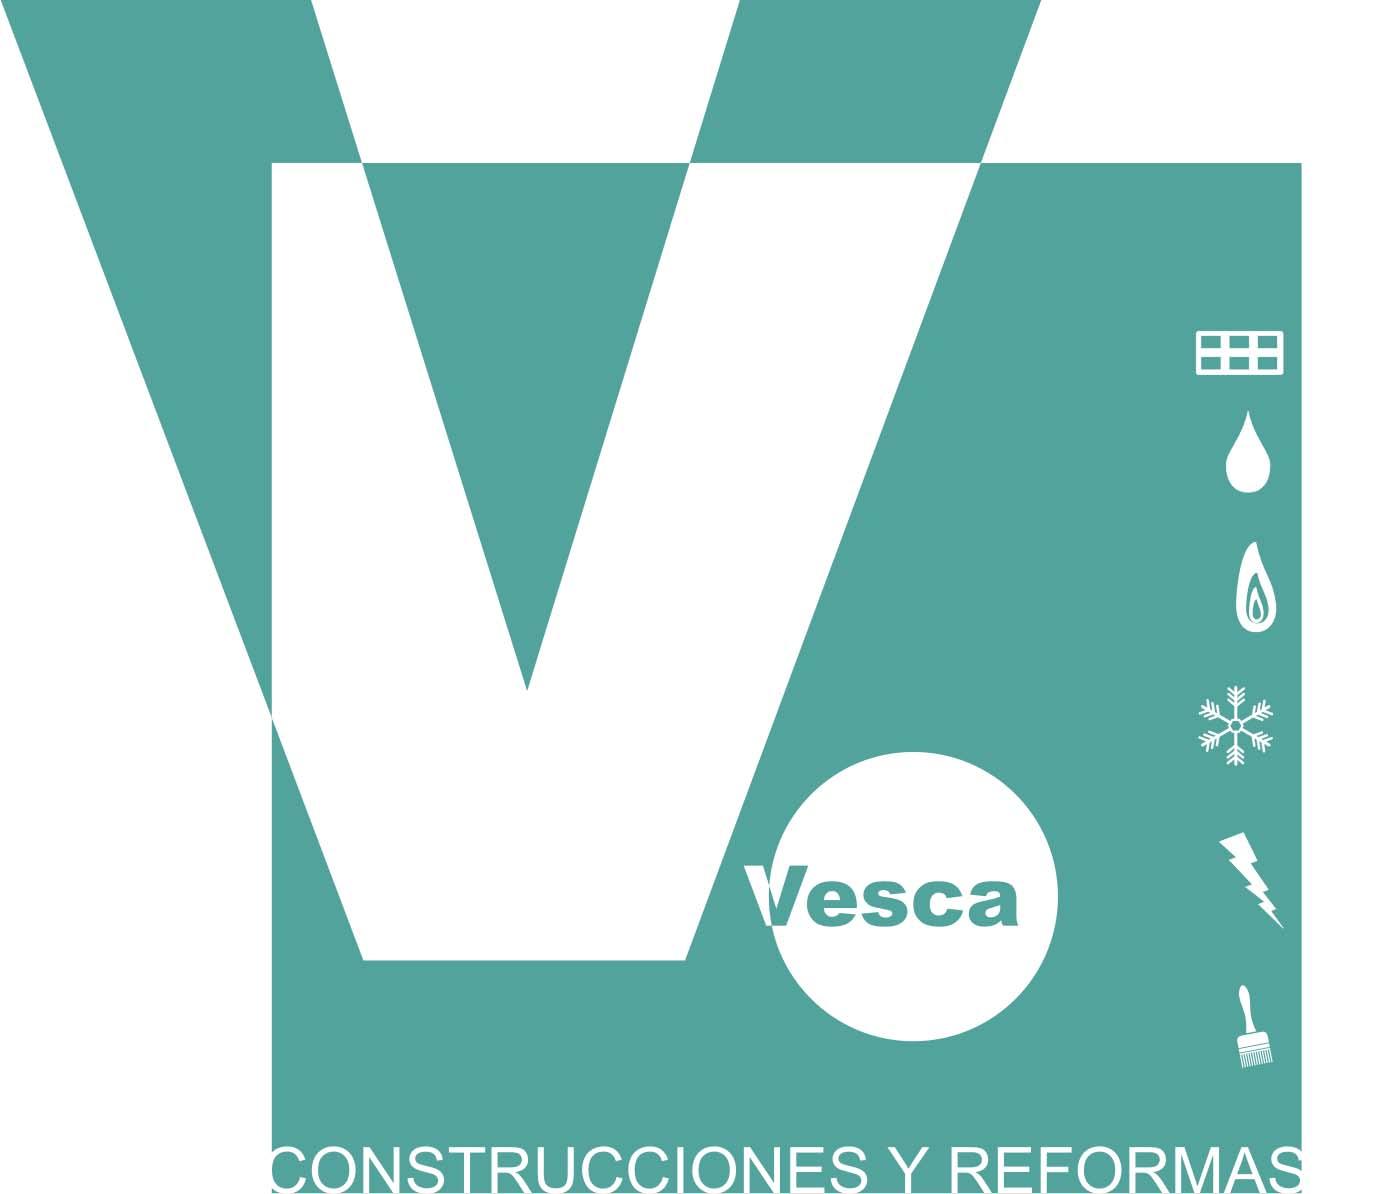 Vesca